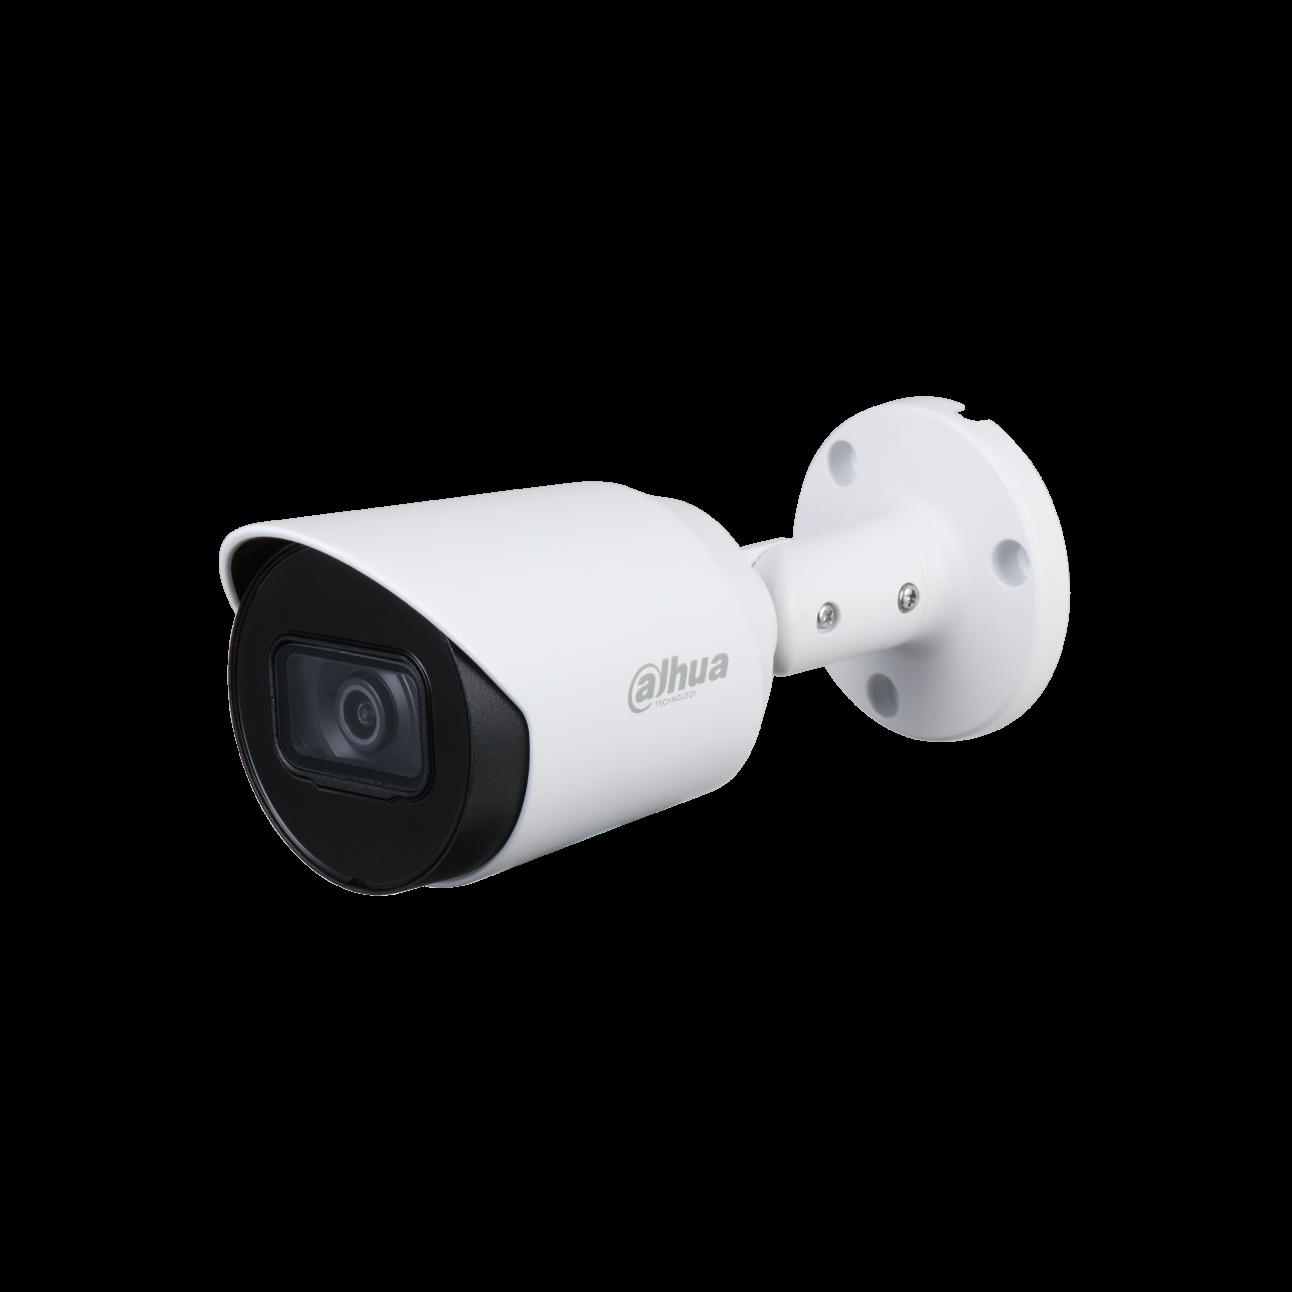 HDCVI уличная камера Dahua DH-HAC-HFW1400TP-0280B 4Мп, 2.8мм, ИК до 20м, DWDR, 12В, IP67